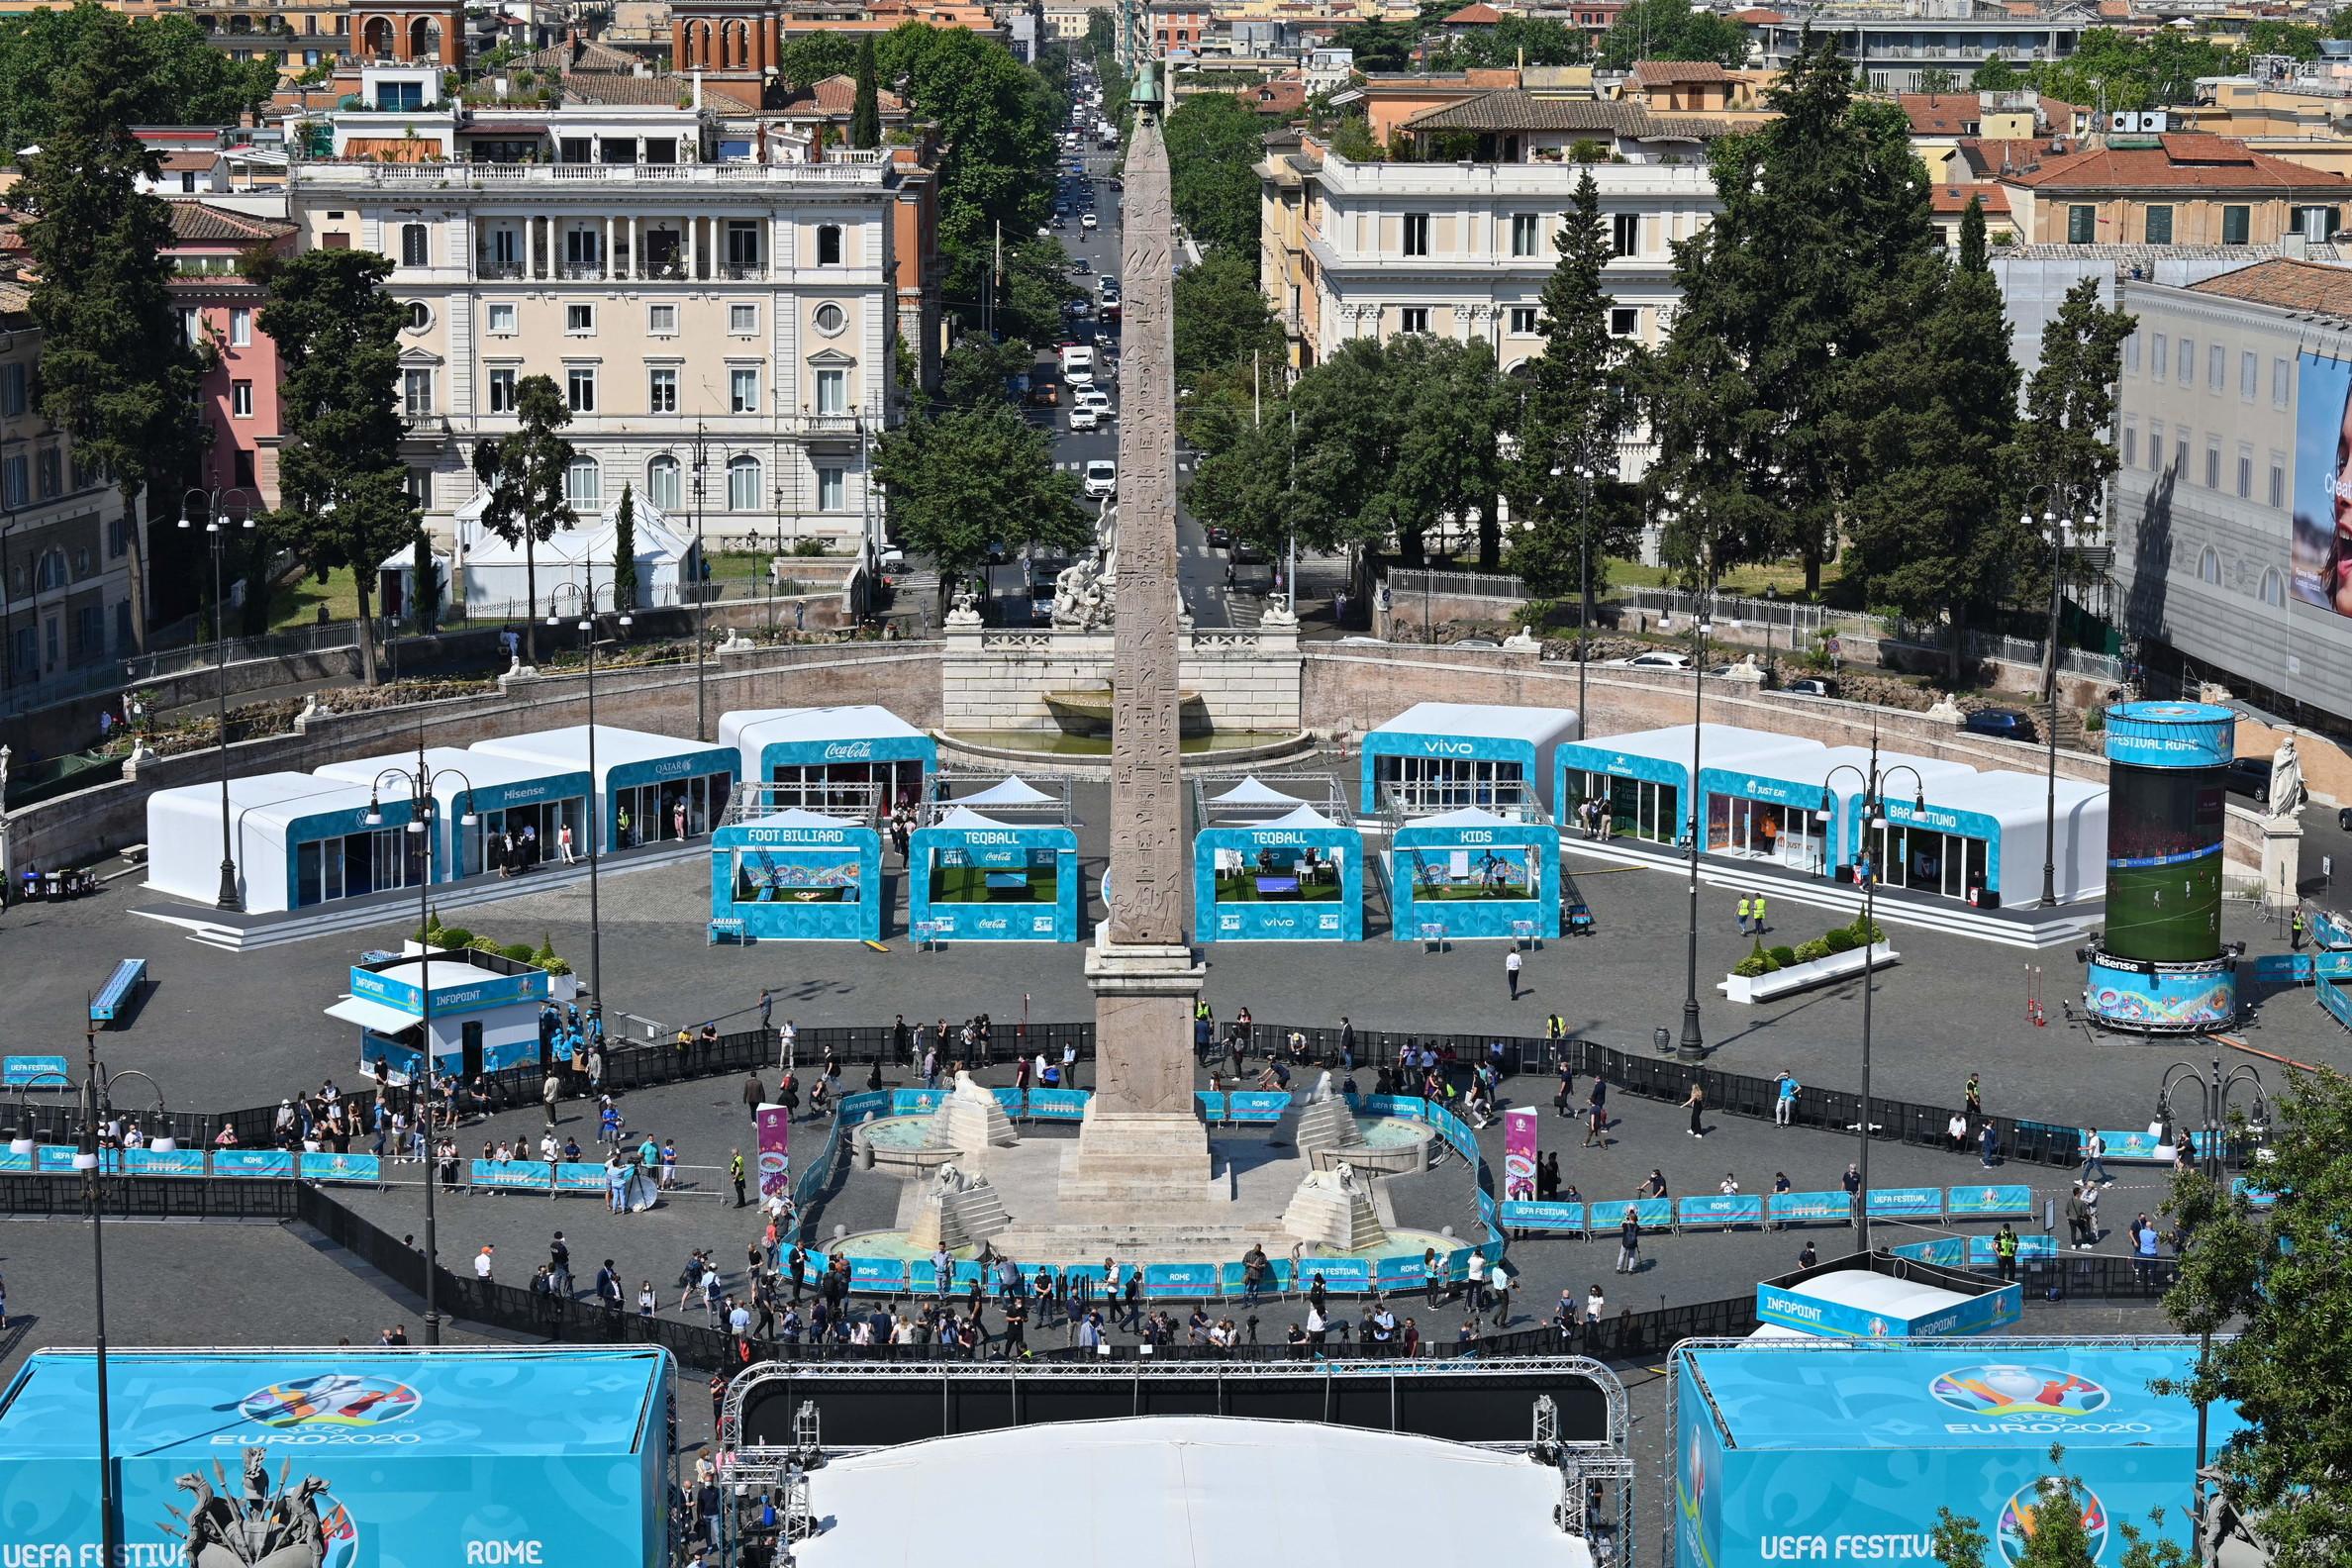 In Piazza del Popolo a Roma ha aperto i battenti la Fanzone Uefa, la pi&ugrave;&nbsp;grande di questo Europeo. &quot;&Egrave; una ripartenza grandiosa, Roma &egrave;&nbsp;la citt&agrave;&nbsp;della ripartenza. Siamo orgogliosi di ospitare Uefa Euro 2020. Abbiamo passato un anno duro. Ora guardiamo avanti. Ci stiamo mettendo tutto per costruire un presente e un futuro sicuro&quot;, ha detto Virginia Raggi, Sindaca di Roma all&#39;inaugurazione dell&#39;Uefa Festival in piazza del Popolo dove era presente anche il presidente della Figc Gabriele Gravina. Poi ha aggiunto: &quot;La cosa migliore &egrave;&nbsp;che si riapre ai tifosi sempre nel rispetto delle norme covid. I romani sono stati bravissimi. Per fare qualcosa di sicuro abbiamo deciso di estendere la fan zone a vari punti in citt&agrave;. Questo &egrave;&nbsp;lo spirito giusto per ripartire. Ora tifiamo Italia, un grande in bocca al lupo alla nazionale&quot;.<br /><br />